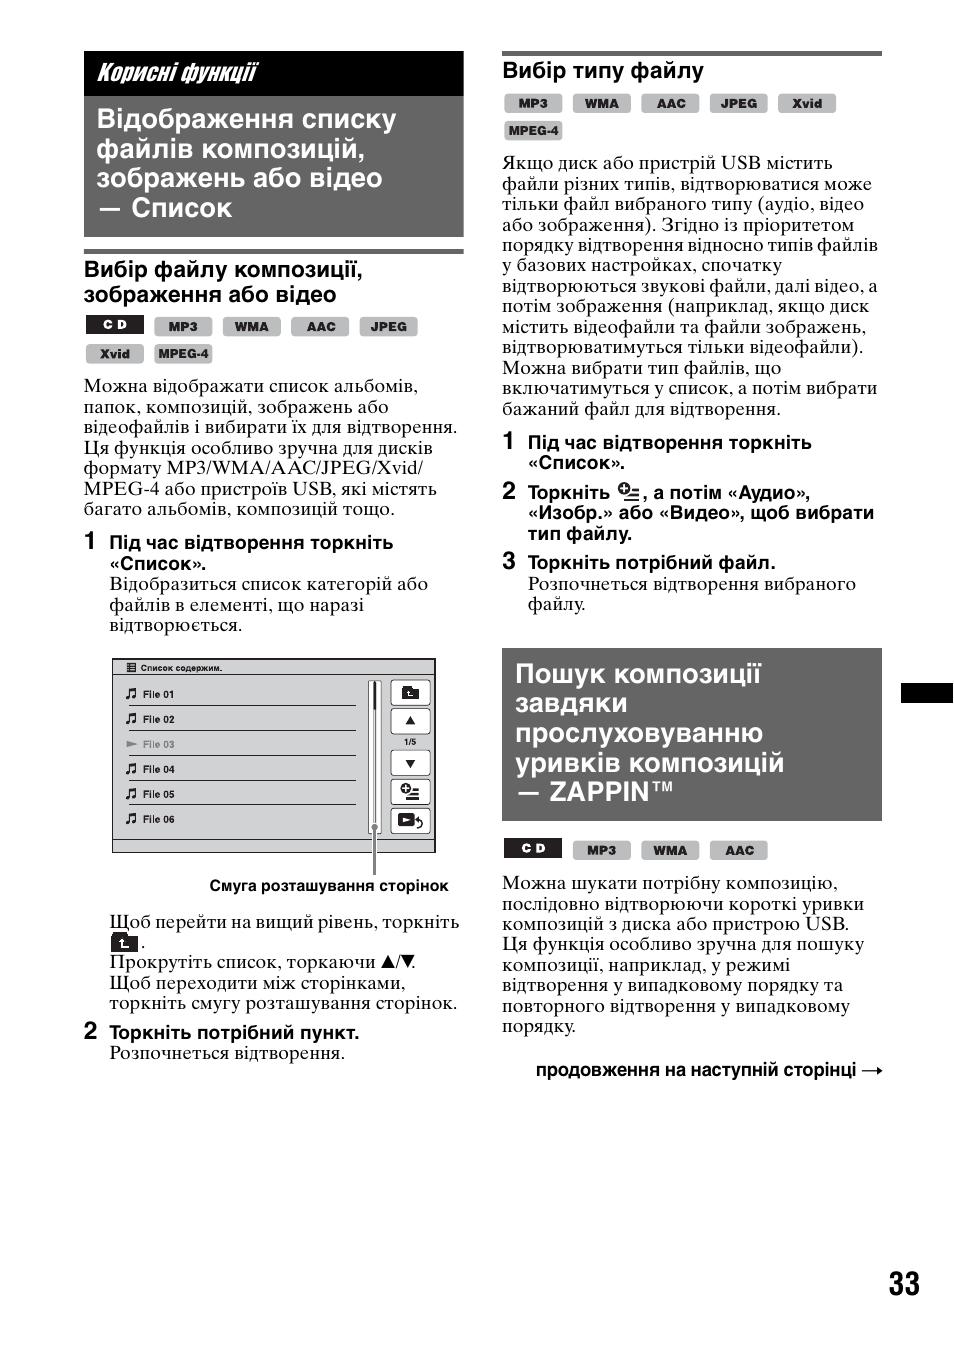 ИНТРУКЦИЯ SONY XAV-E622 СКАЧАТЬ БЕСПЛАТНО